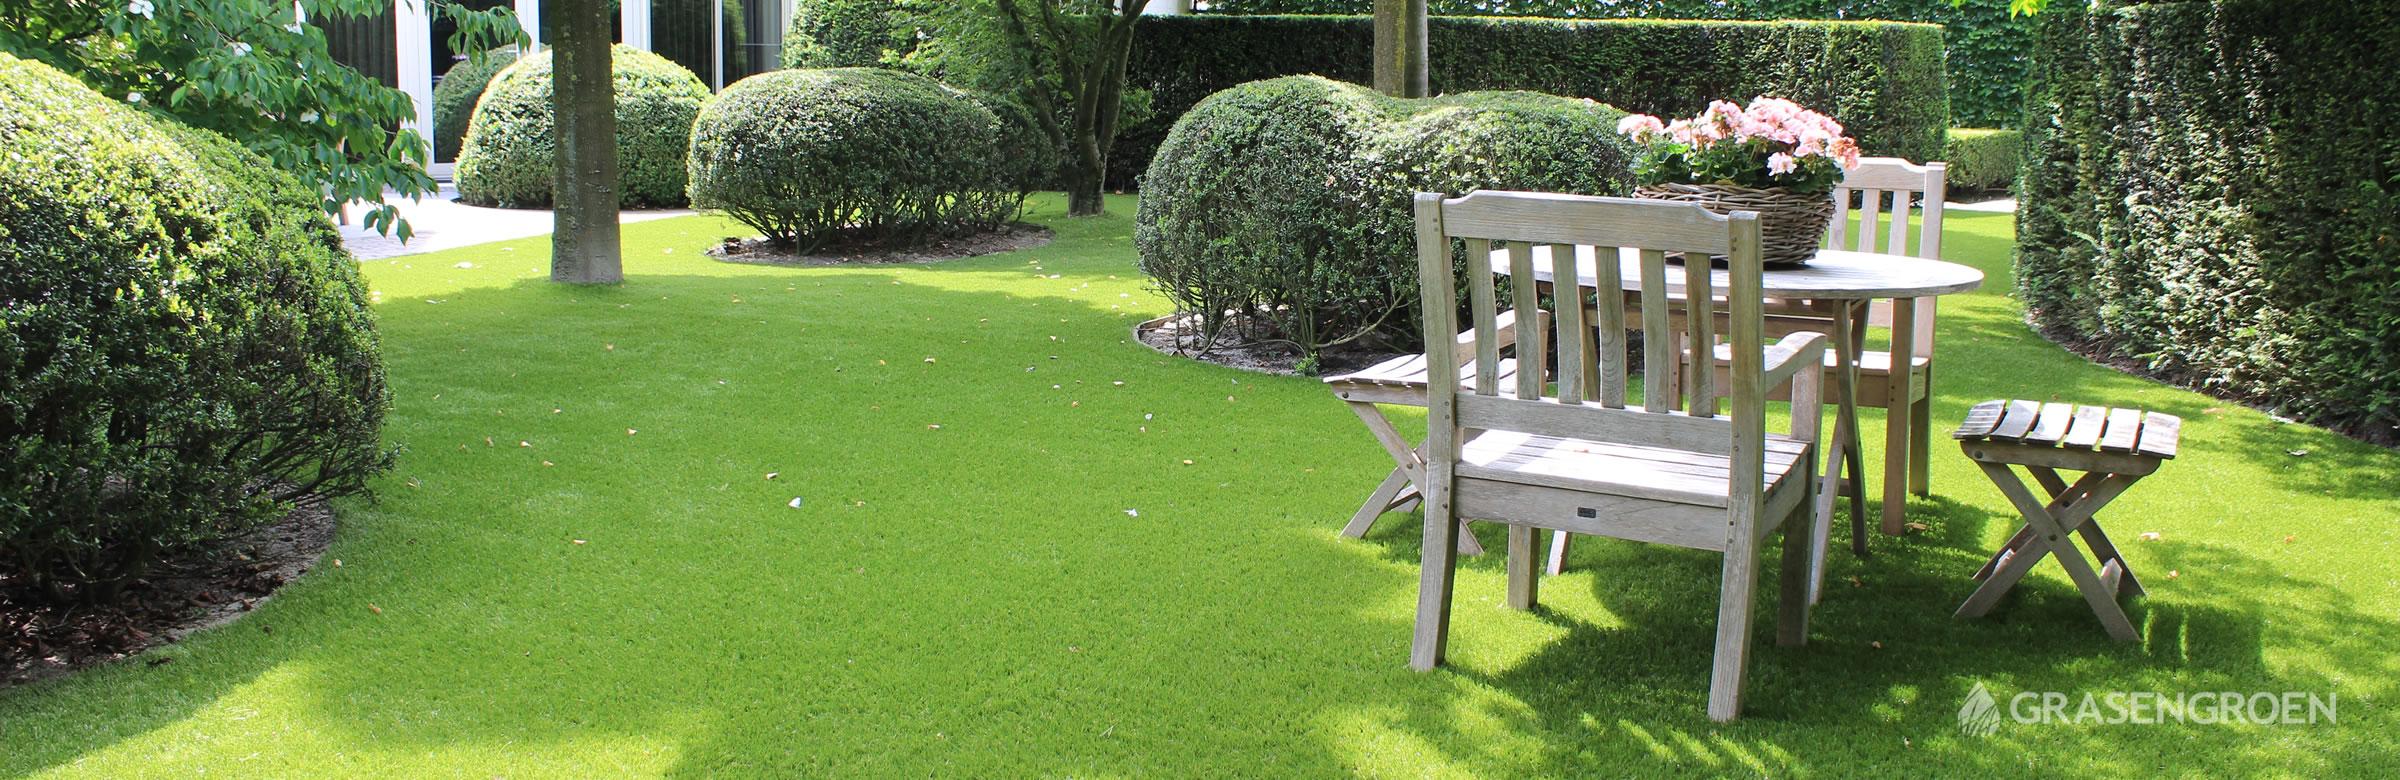 Kunstgrasleggenschilde1 • Gras en Groen Kunstgras